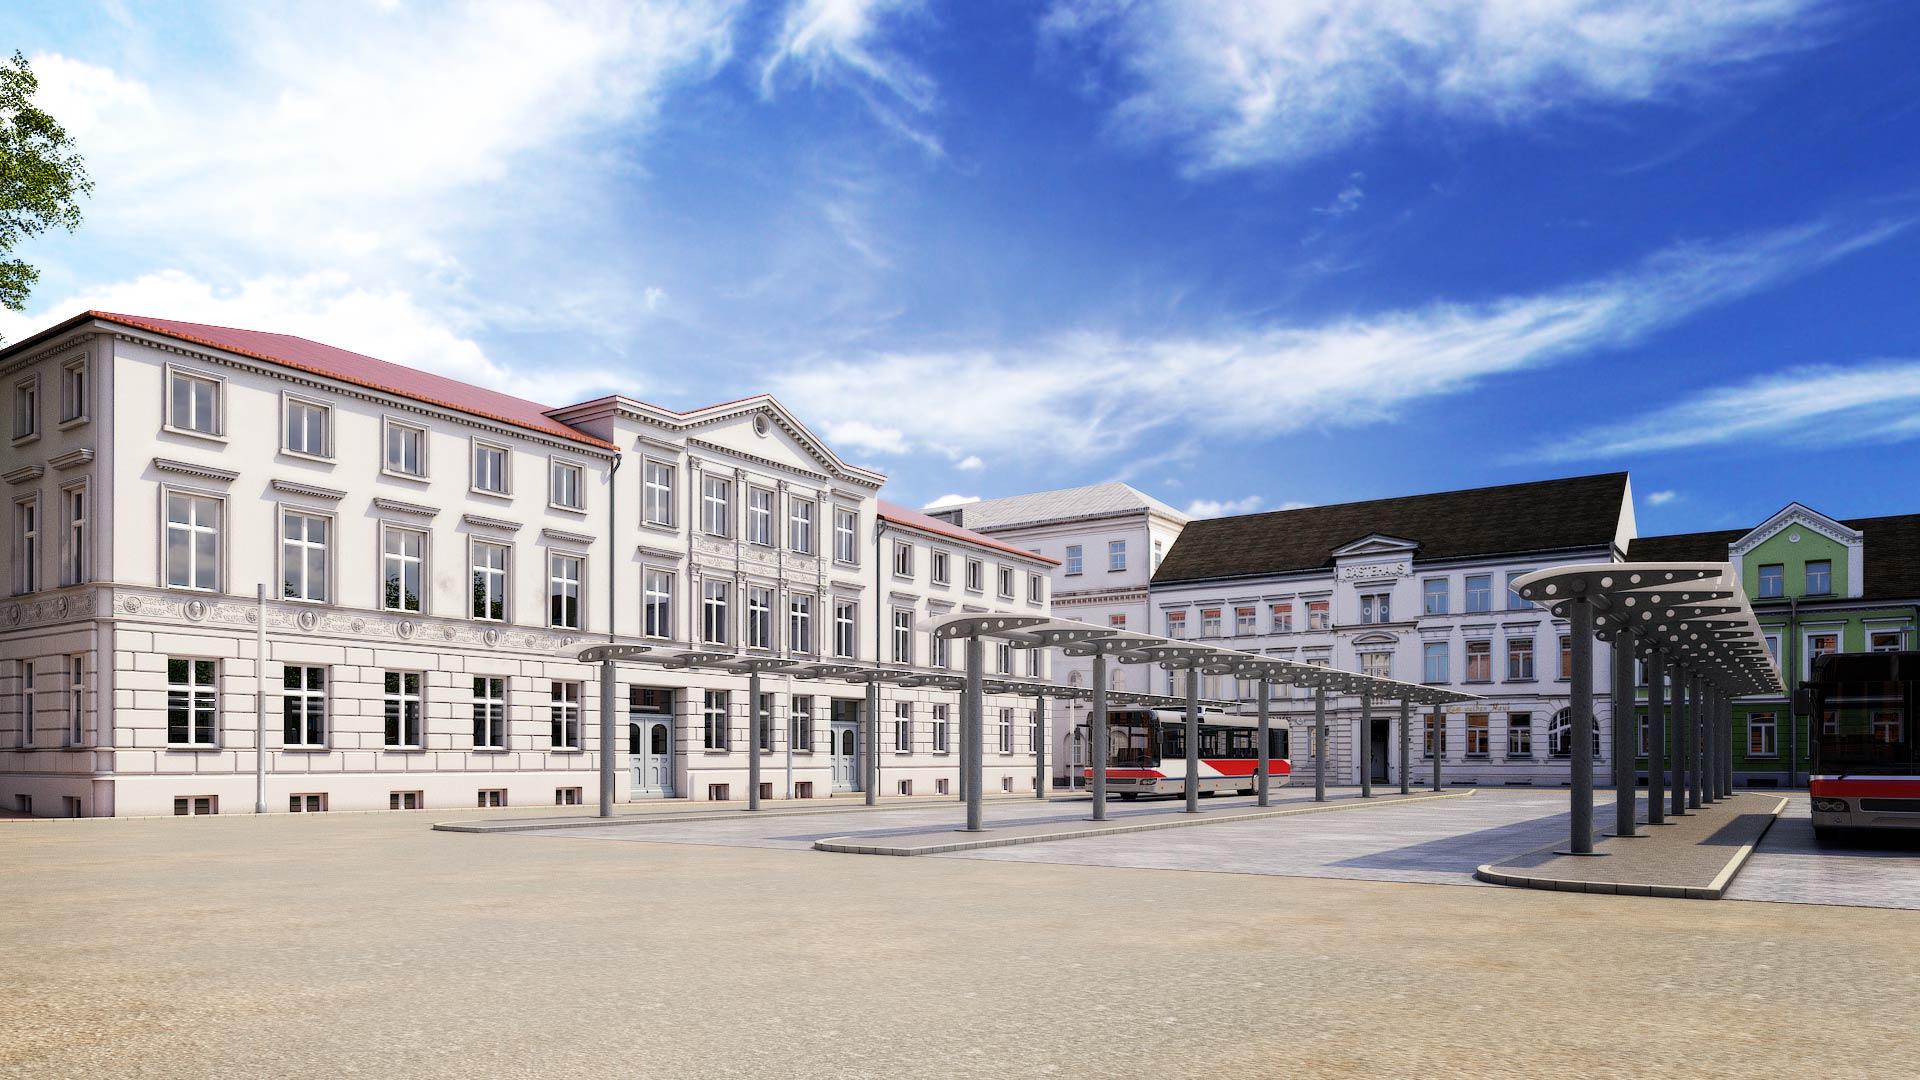 Schwerin_Bahnhof_Grunthalplatz_Archaeologie_3D_Architekturvisualisierung Schwerin Grunthalplatz 3D Architekturvisualisierung